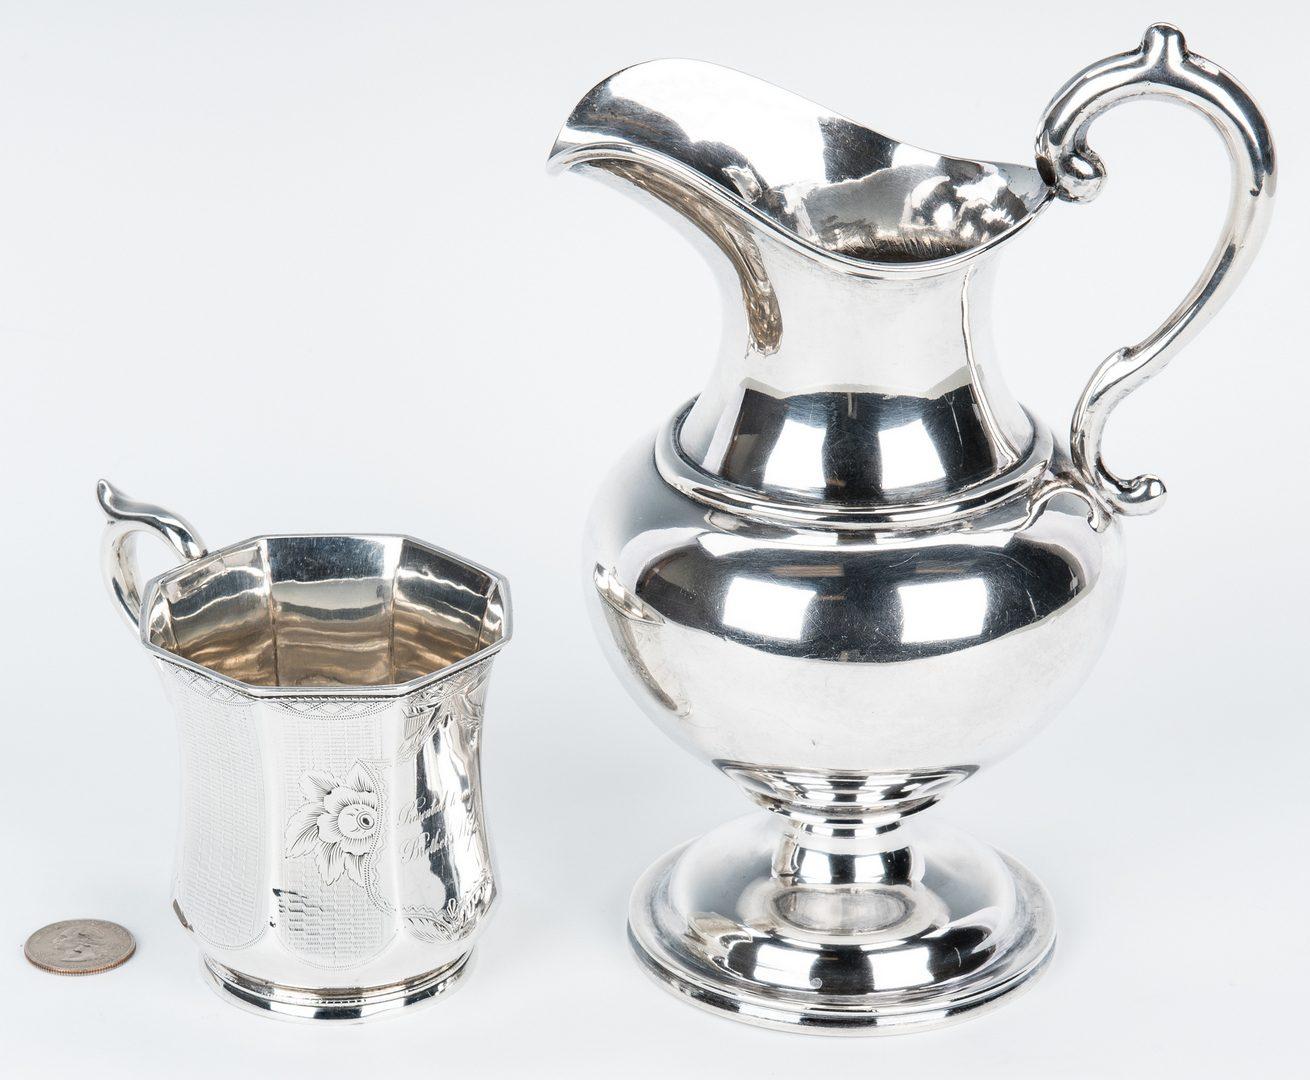 Lot 84: 1 Jaccard Coin Silver Cream Jug and 1 Mug